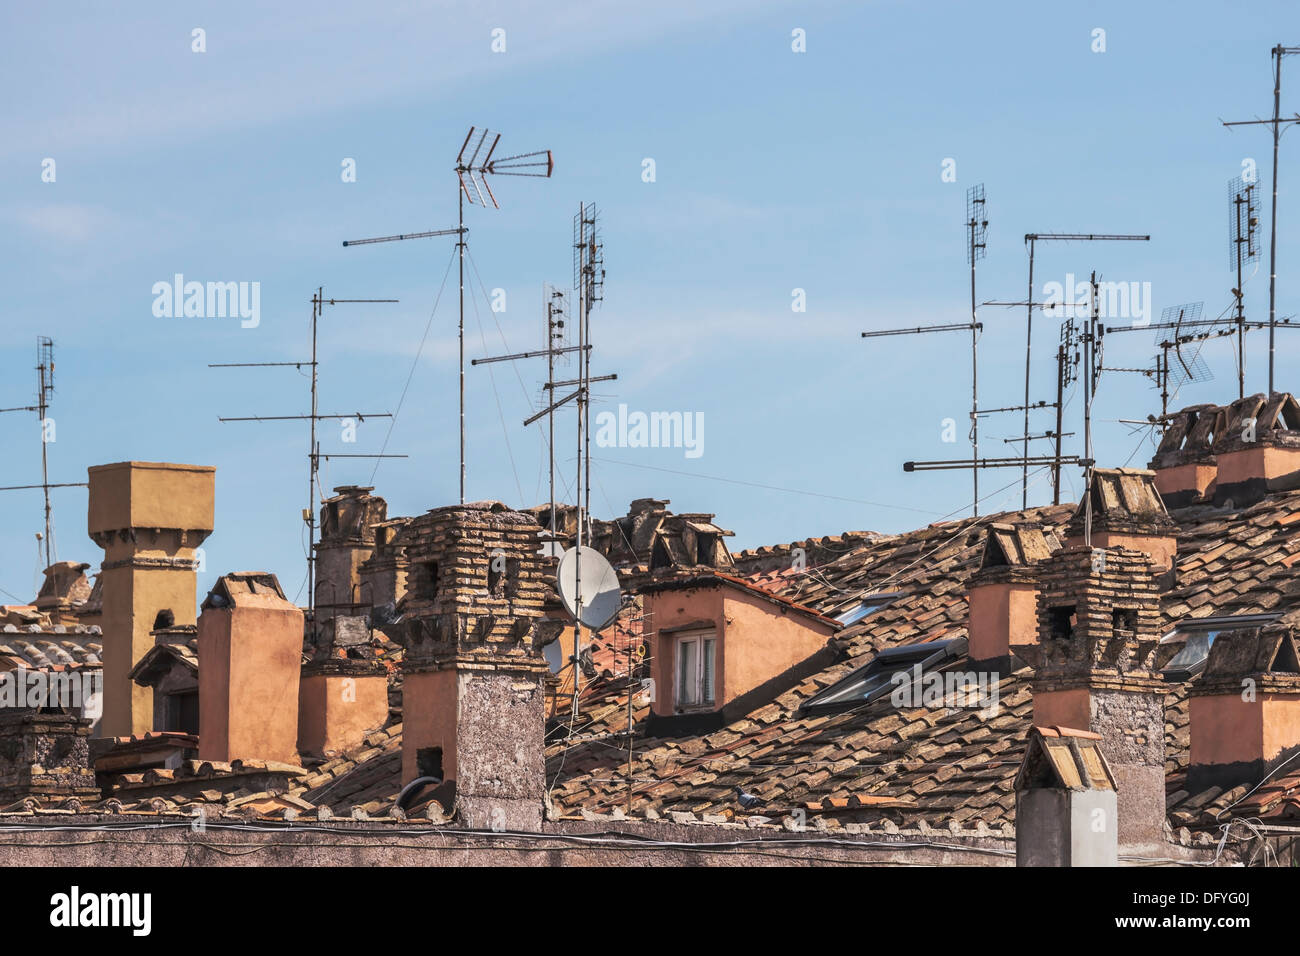 TV-Antennen auf den Dächern der alten Stadt von Rom, Latium, Italien, Europa Stockbild